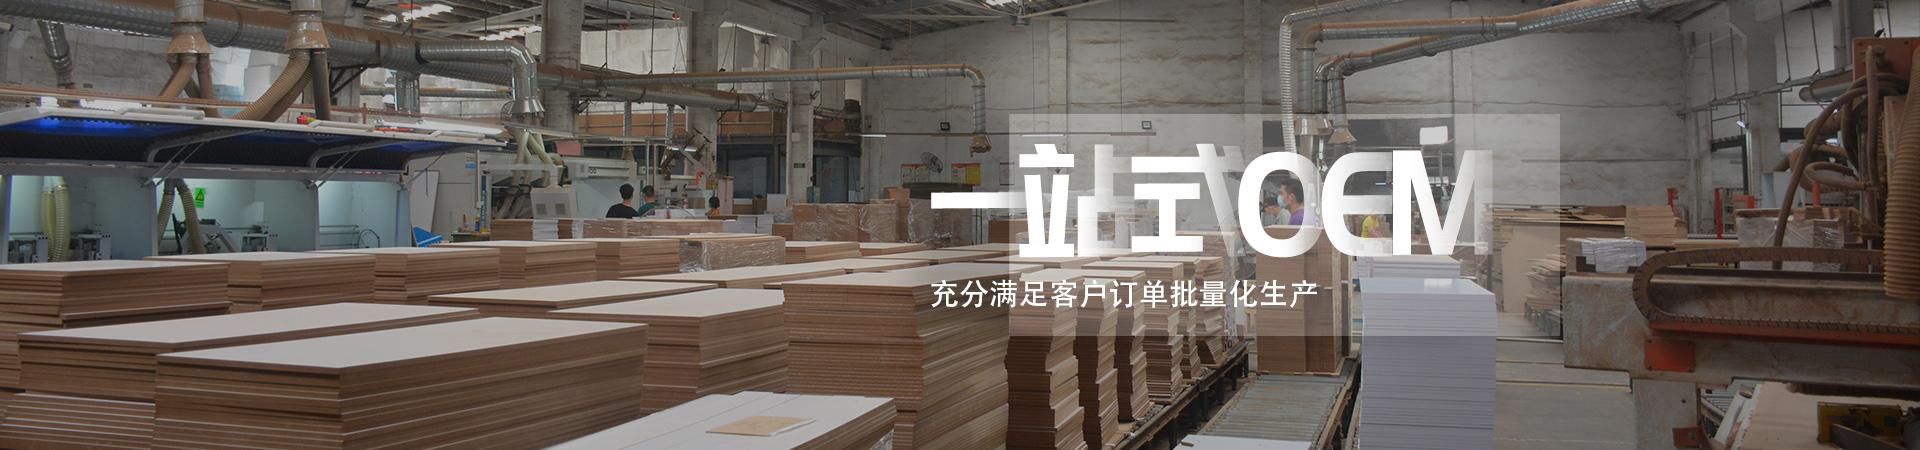 http://www.ggxjj.com.cn/data/upload/202010/20201026145945_213.jpg